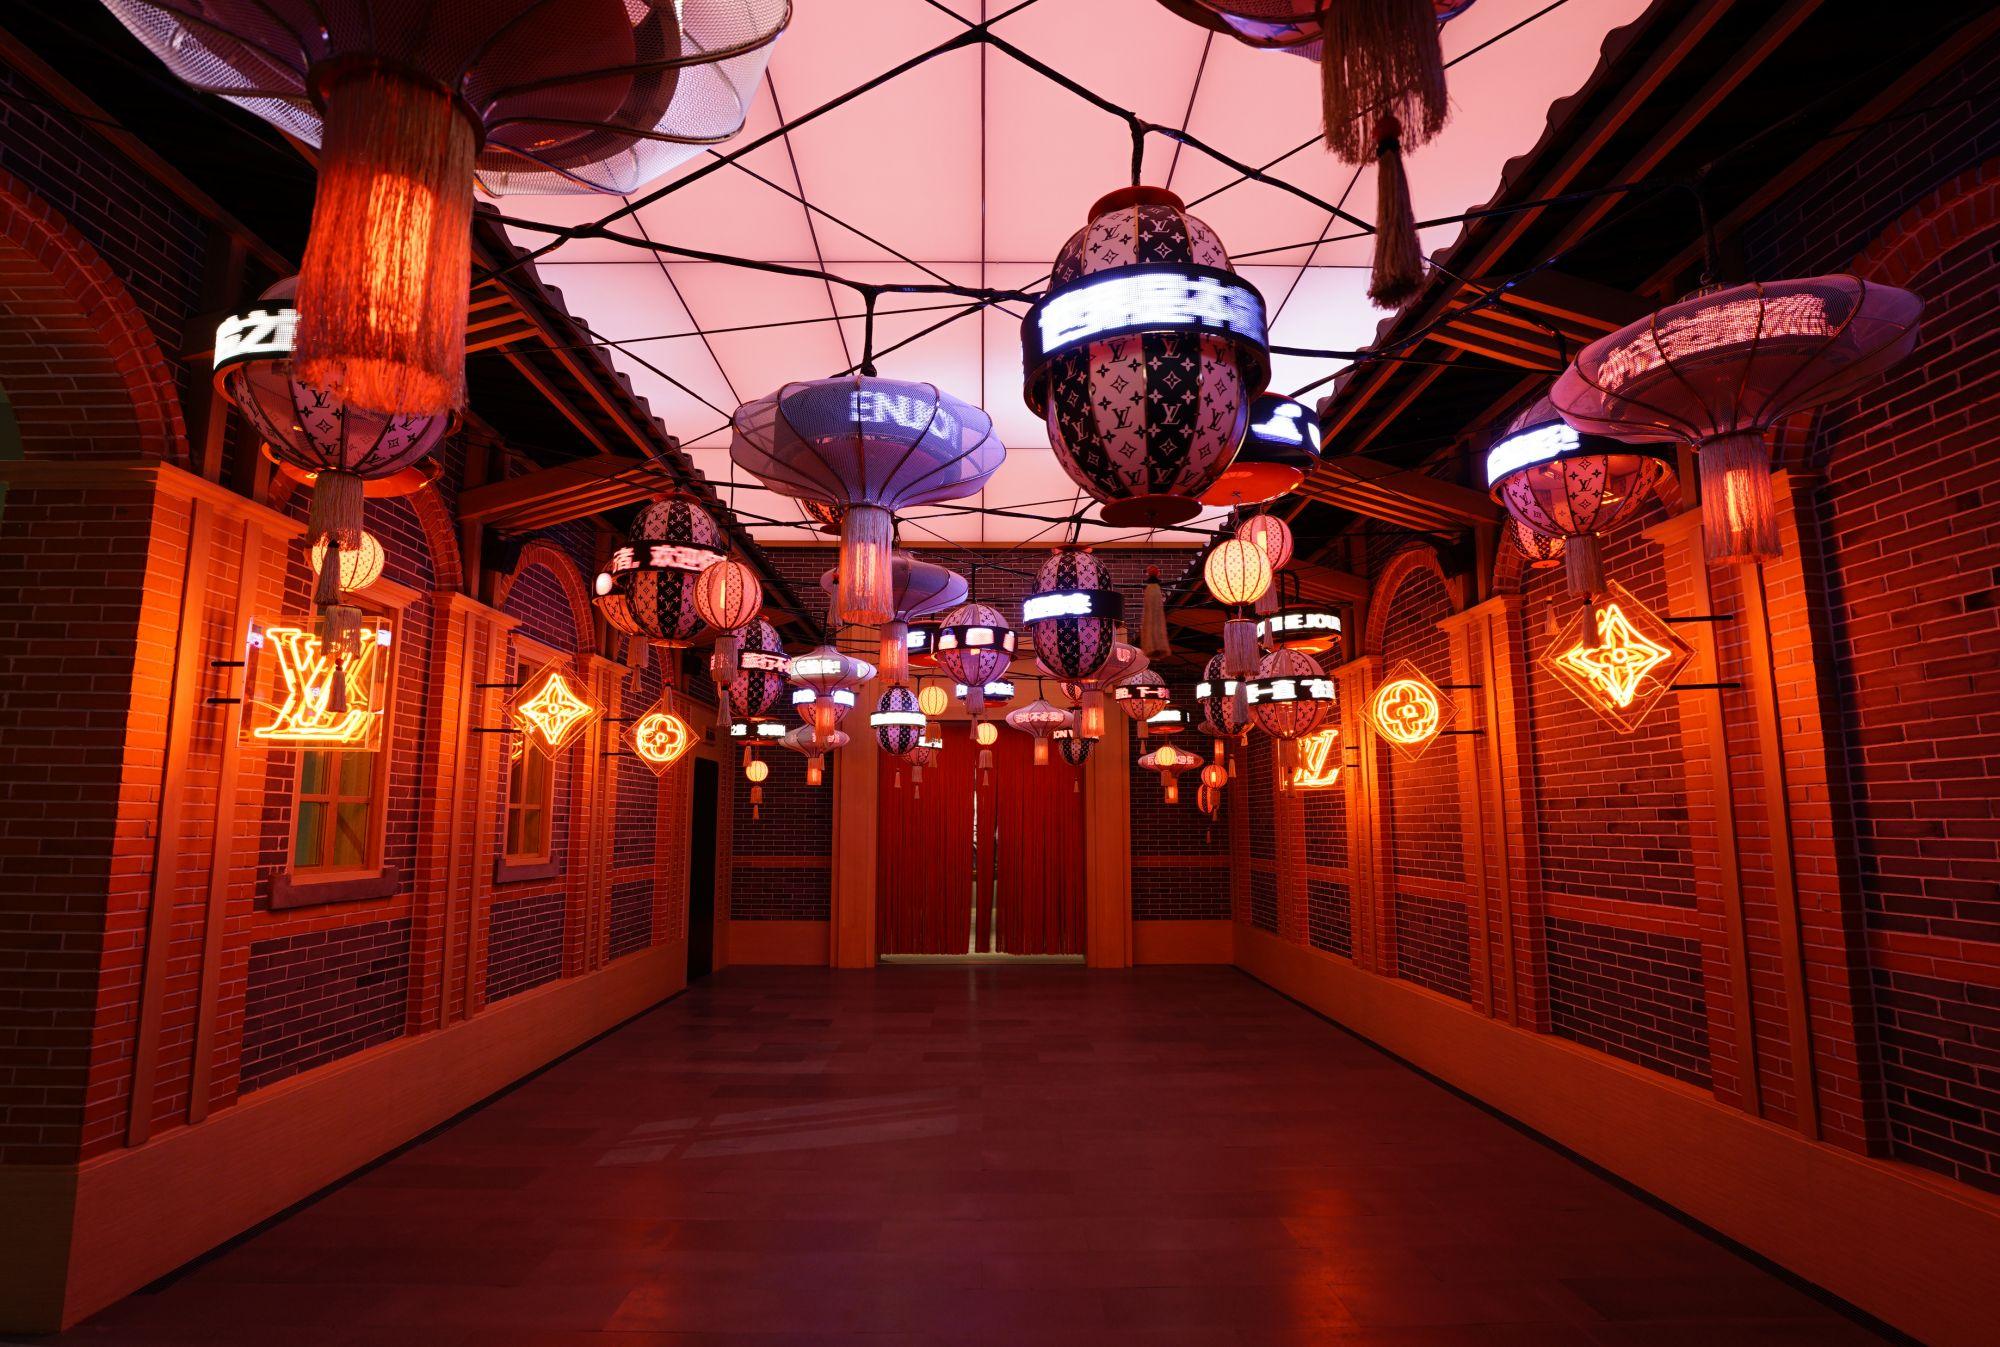 品牌在中國藝術家何岸設計的霓虹燈裝置空間中展現極具標誌性的訂製服裝。